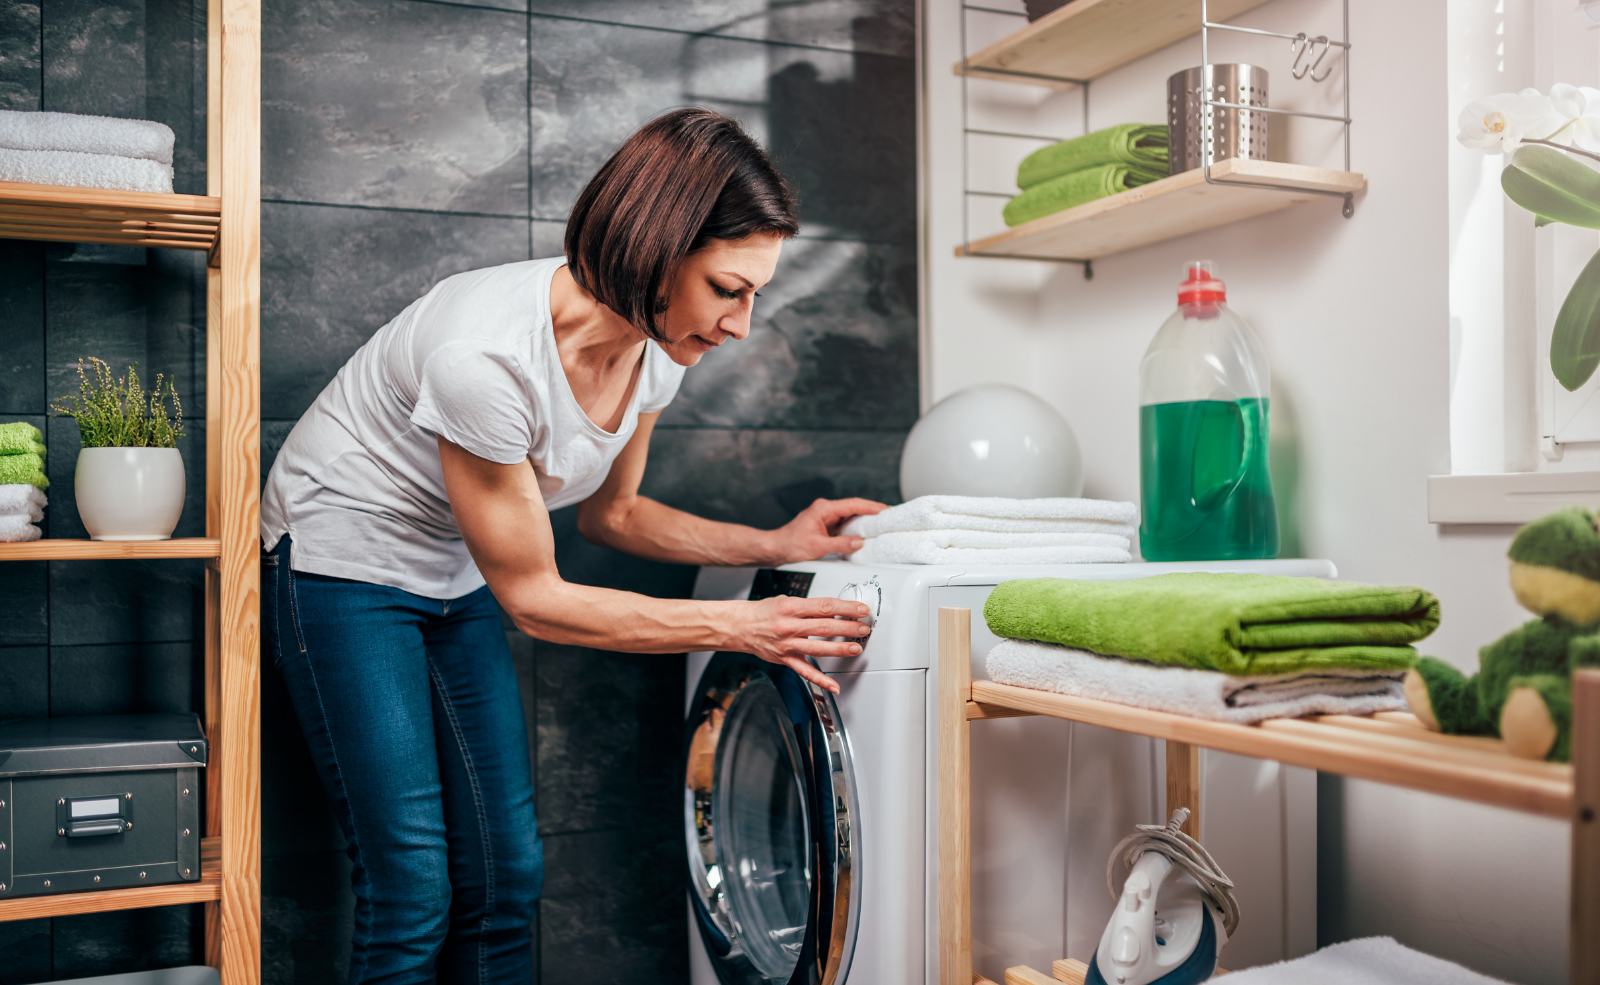 Streitkt die Waschmaschine, kann das viele Nerven kosten